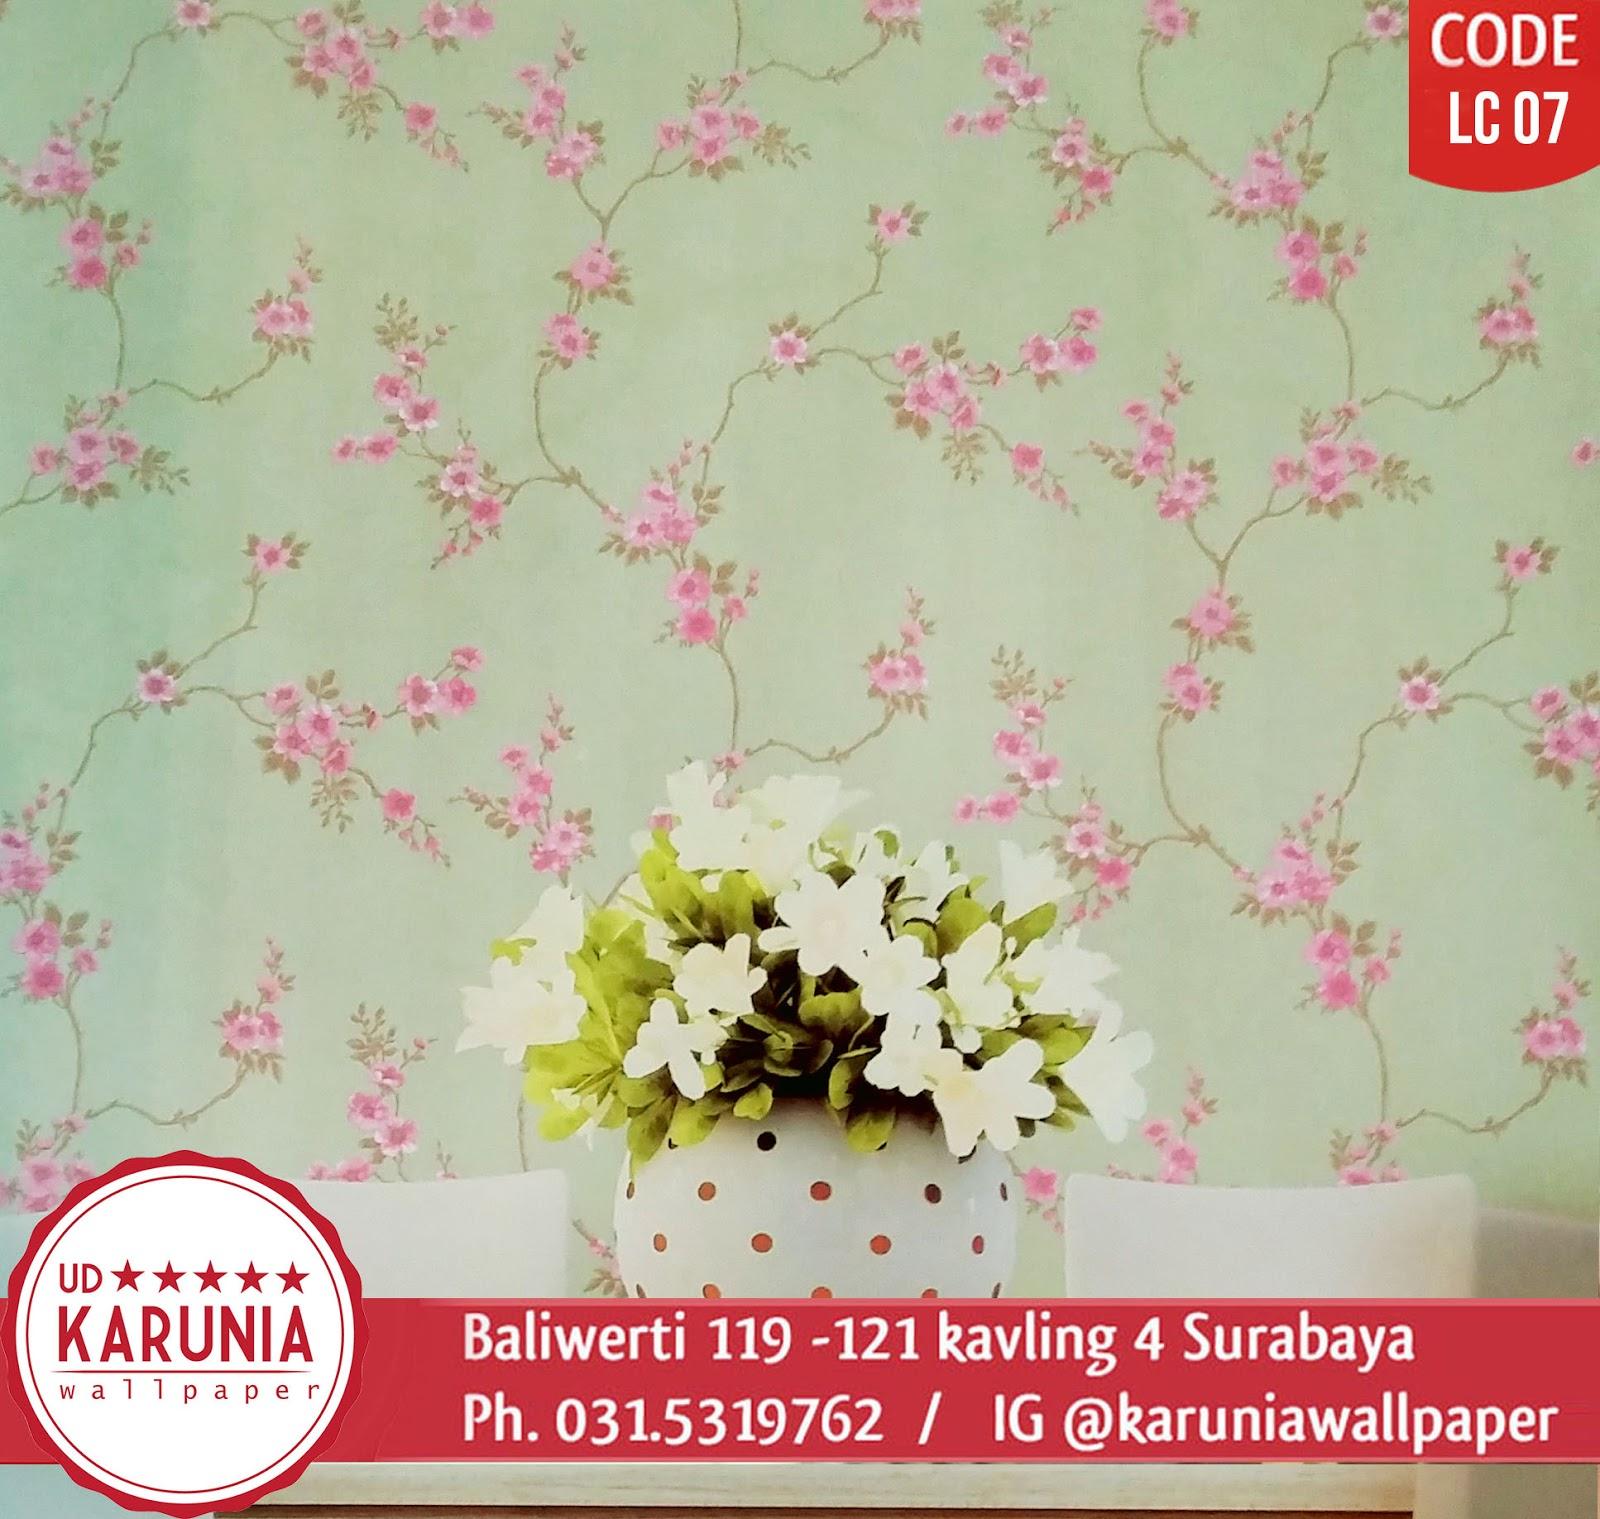 wallpaper dinding hijau bagus karuniawallpaper